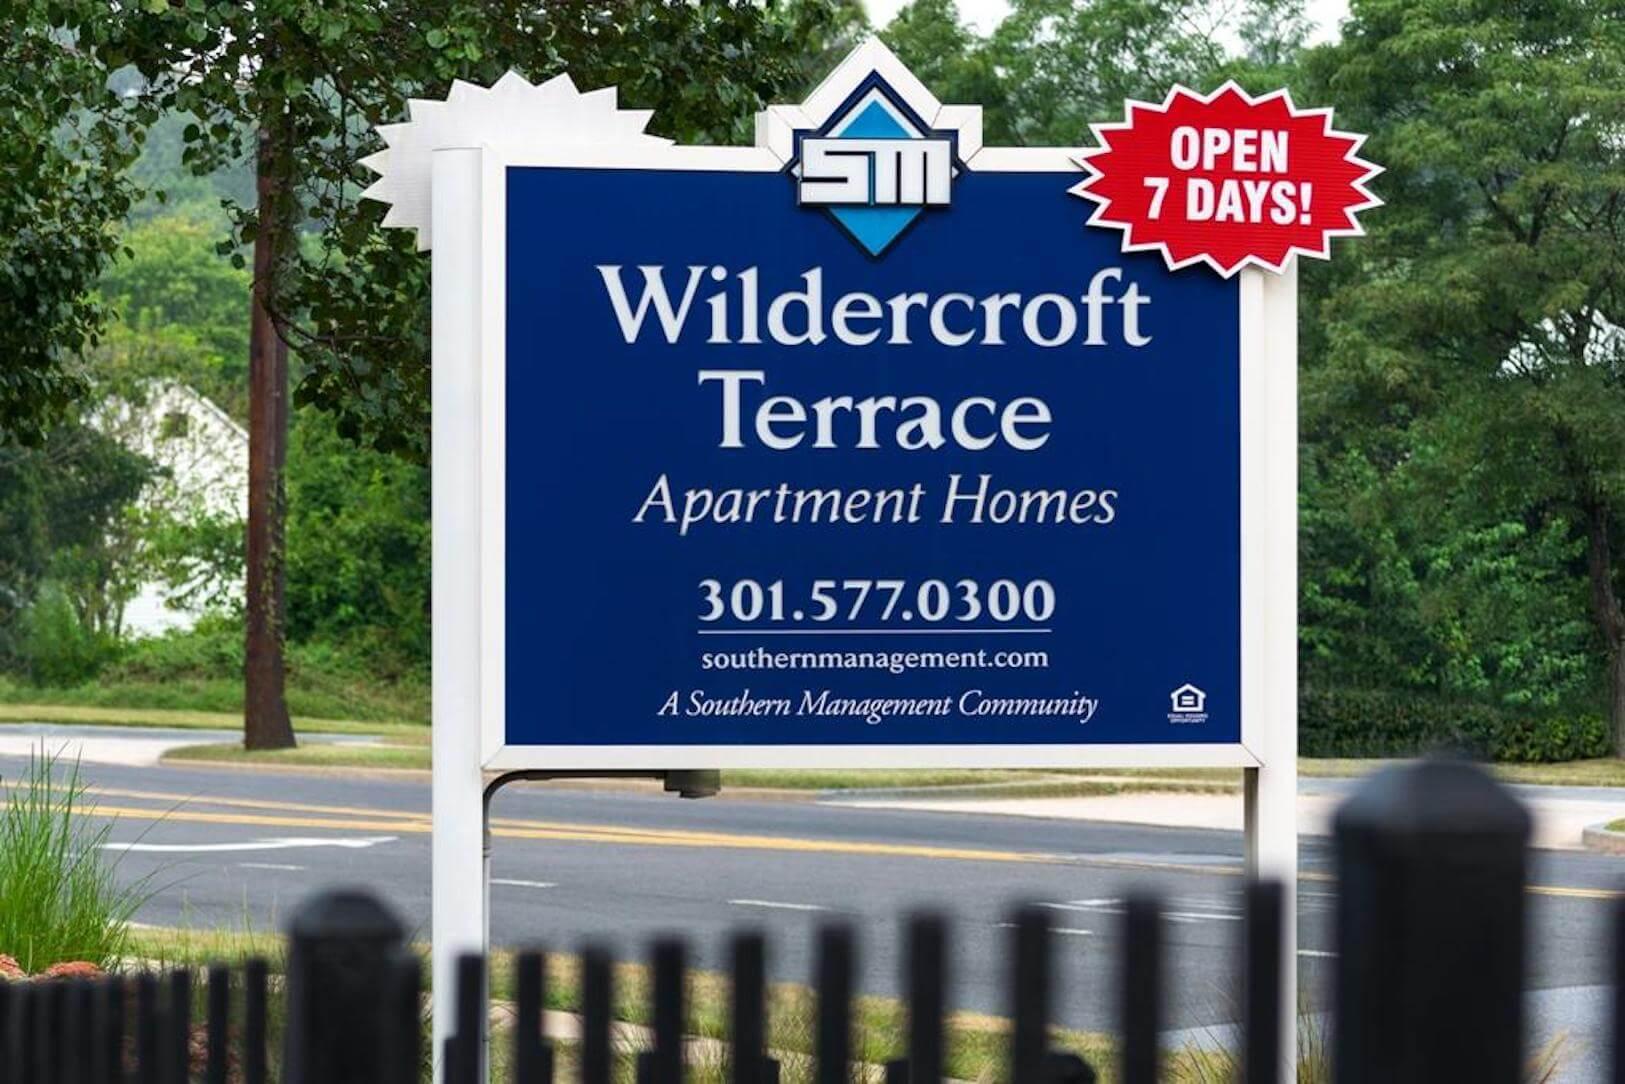 Wildercroft Terrace